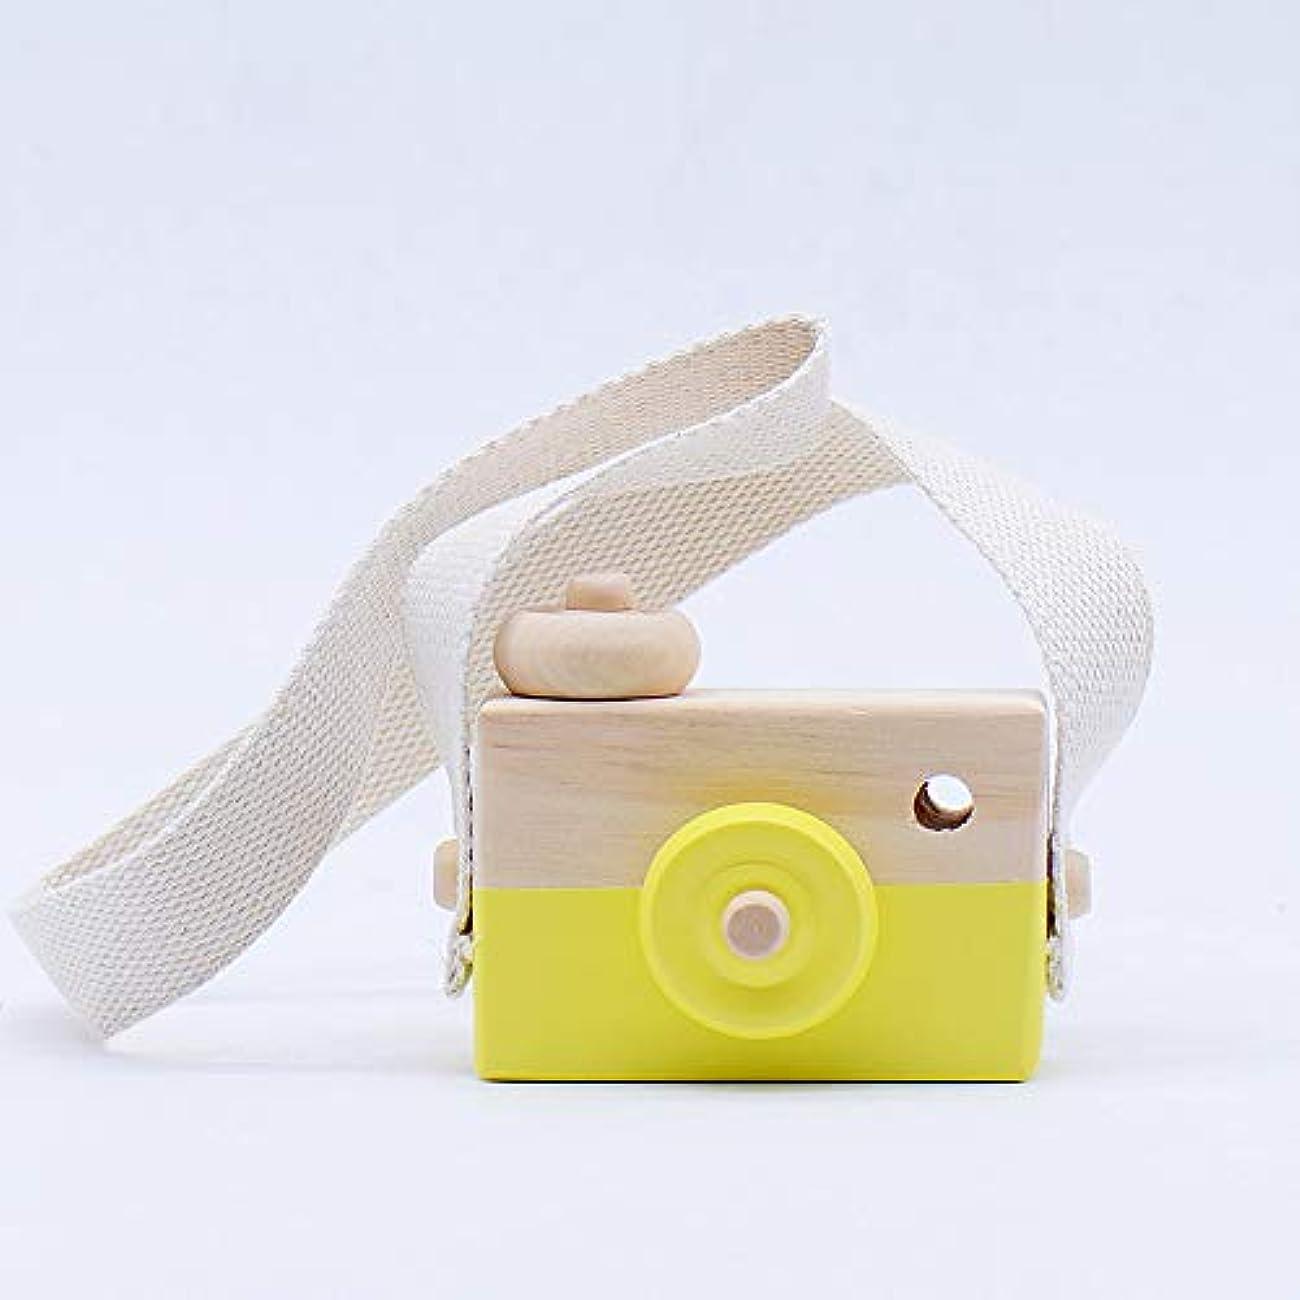 人類練習関連付けるミニかわいい木製カメラのおもちゃ安全なナチュラル玩具ベビーキッズファッション服アクセサリー玩具誕生日クリスマスホリデーギフト (黄)